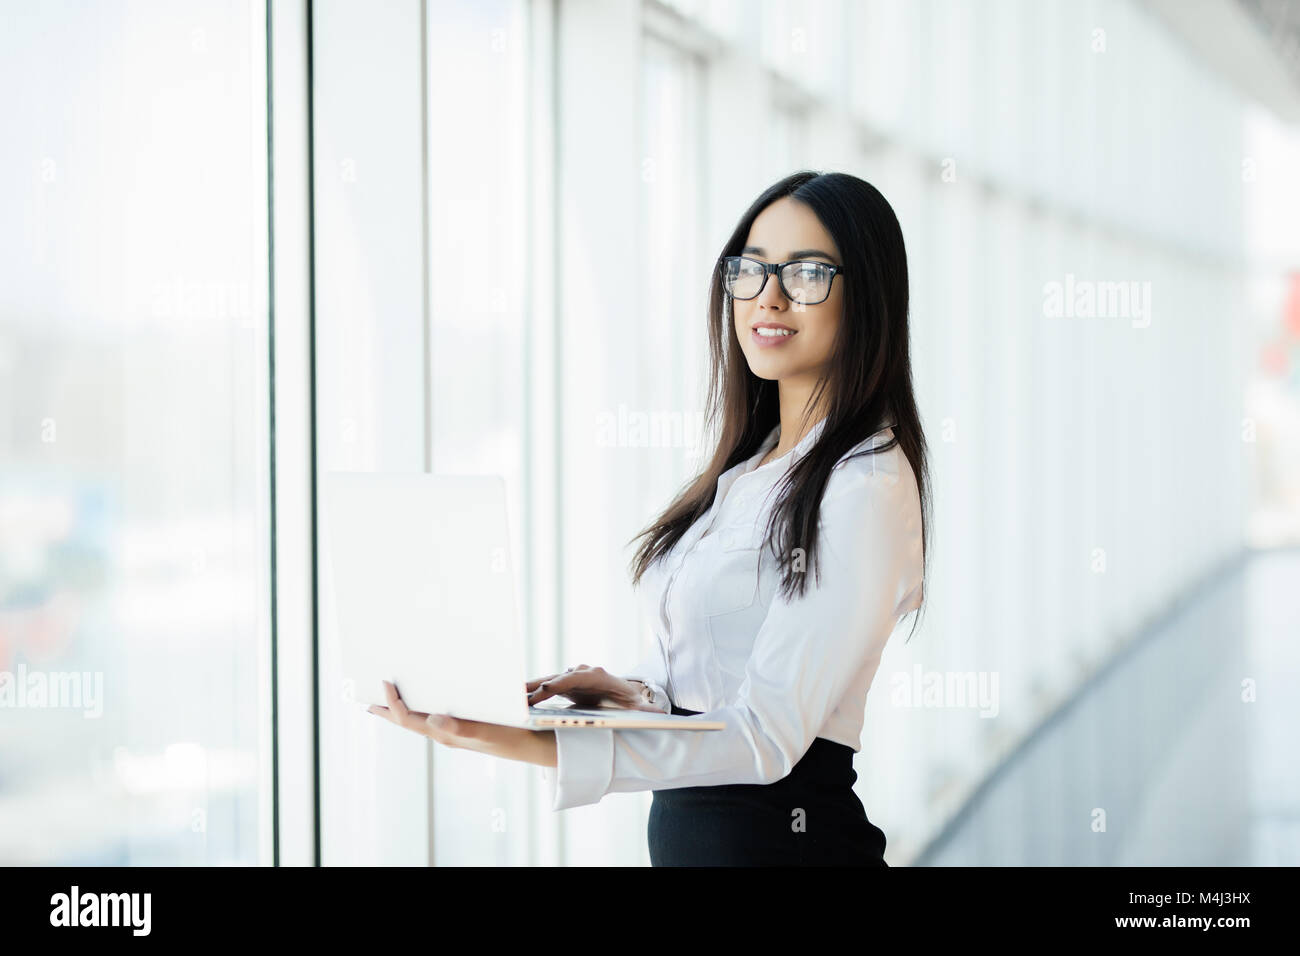 Young Business Frau arbeitet sie in ihrem luxuriösen Amt, ein Laptop gegen Panoramafenster mit Blick auf das Stockbild